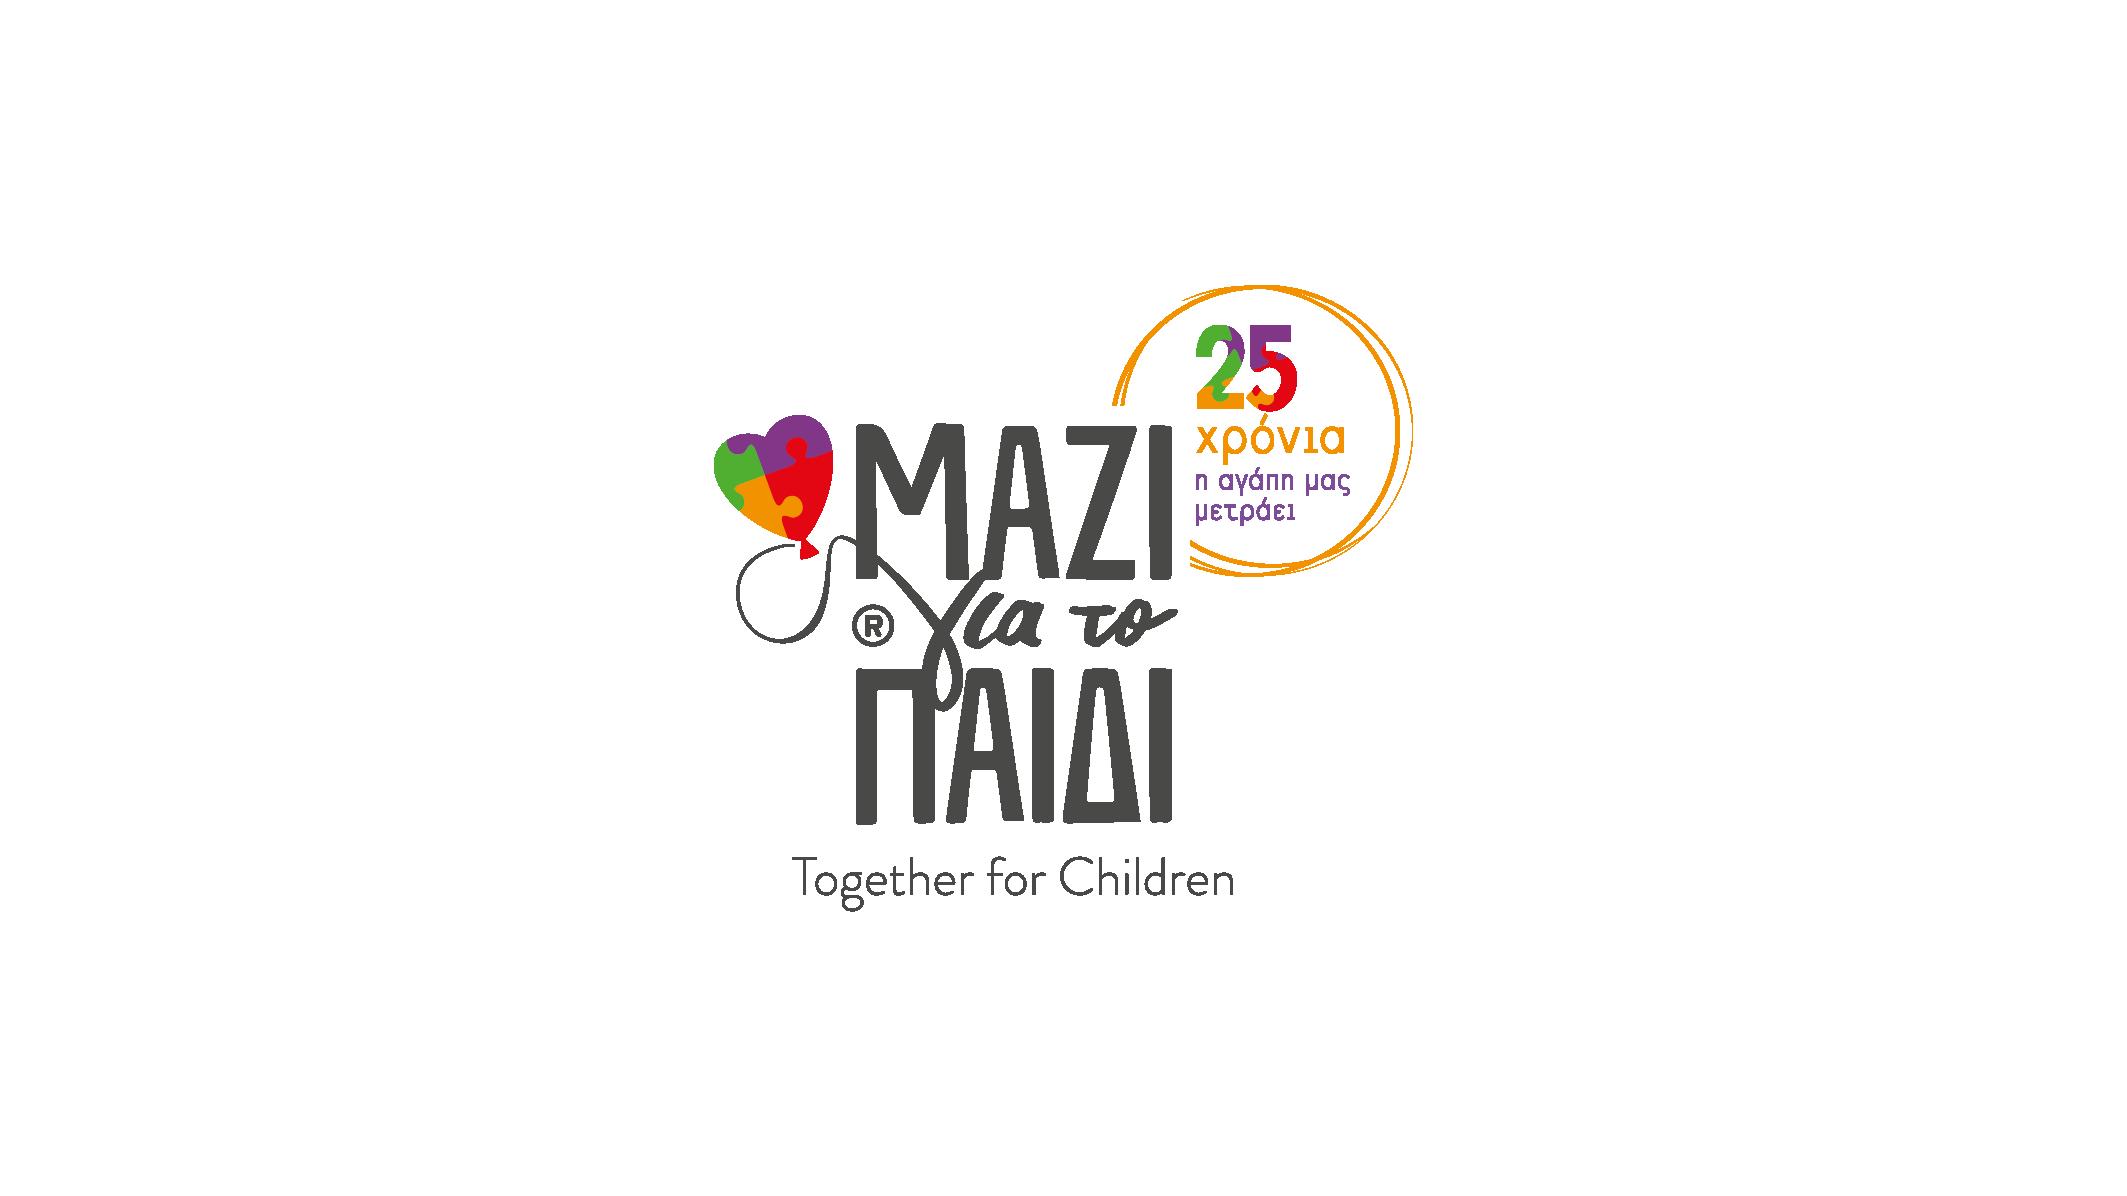 ΜΓΤΠ logo 25 xronwn